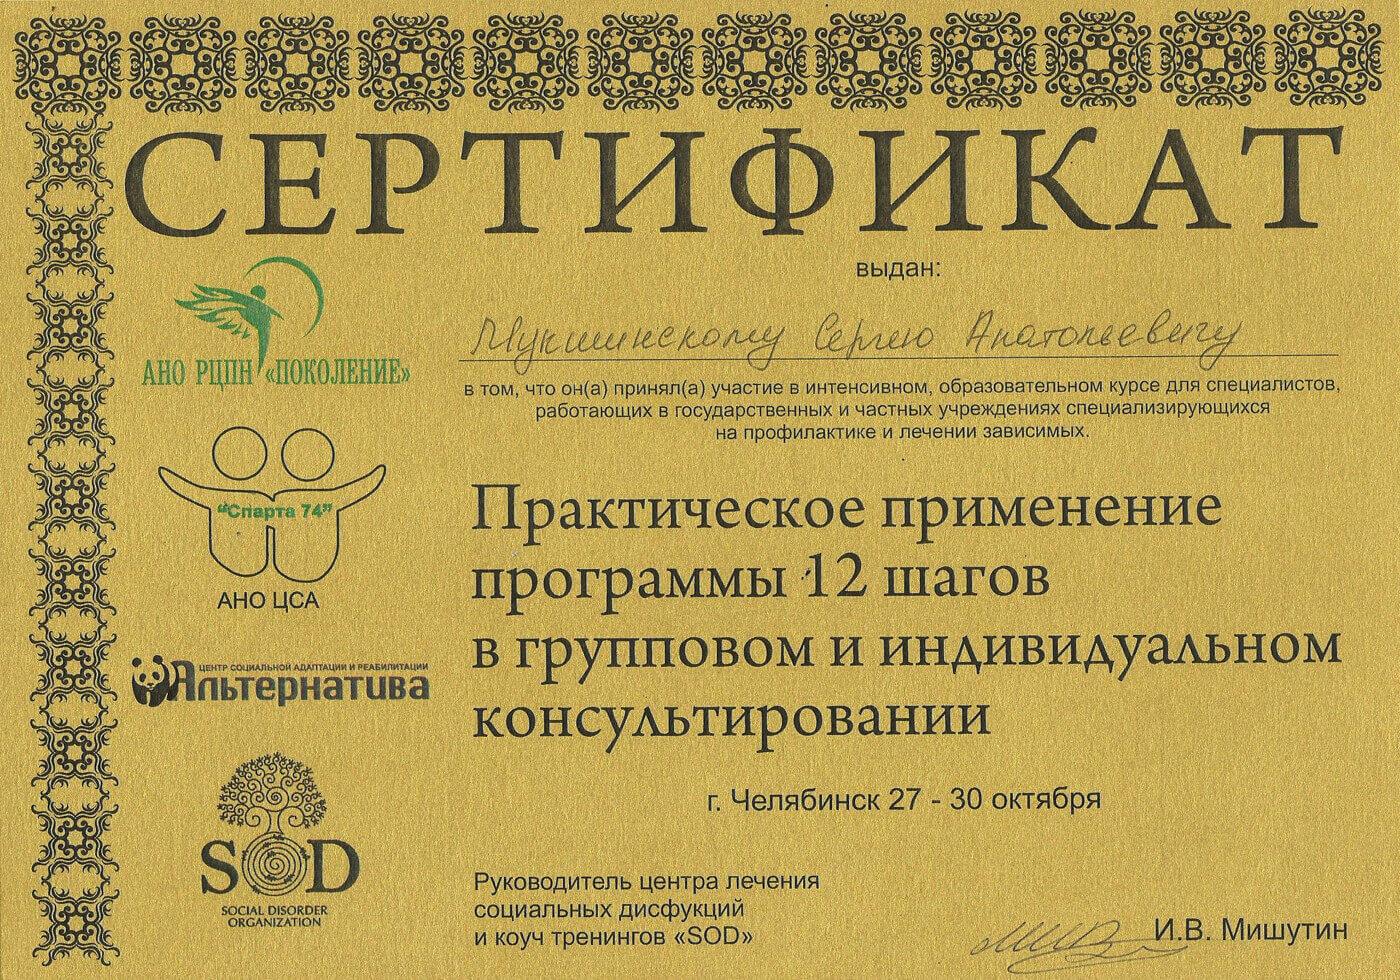 Сертификат Мукшинскому С. А. - практическое применение программы 12 шагов